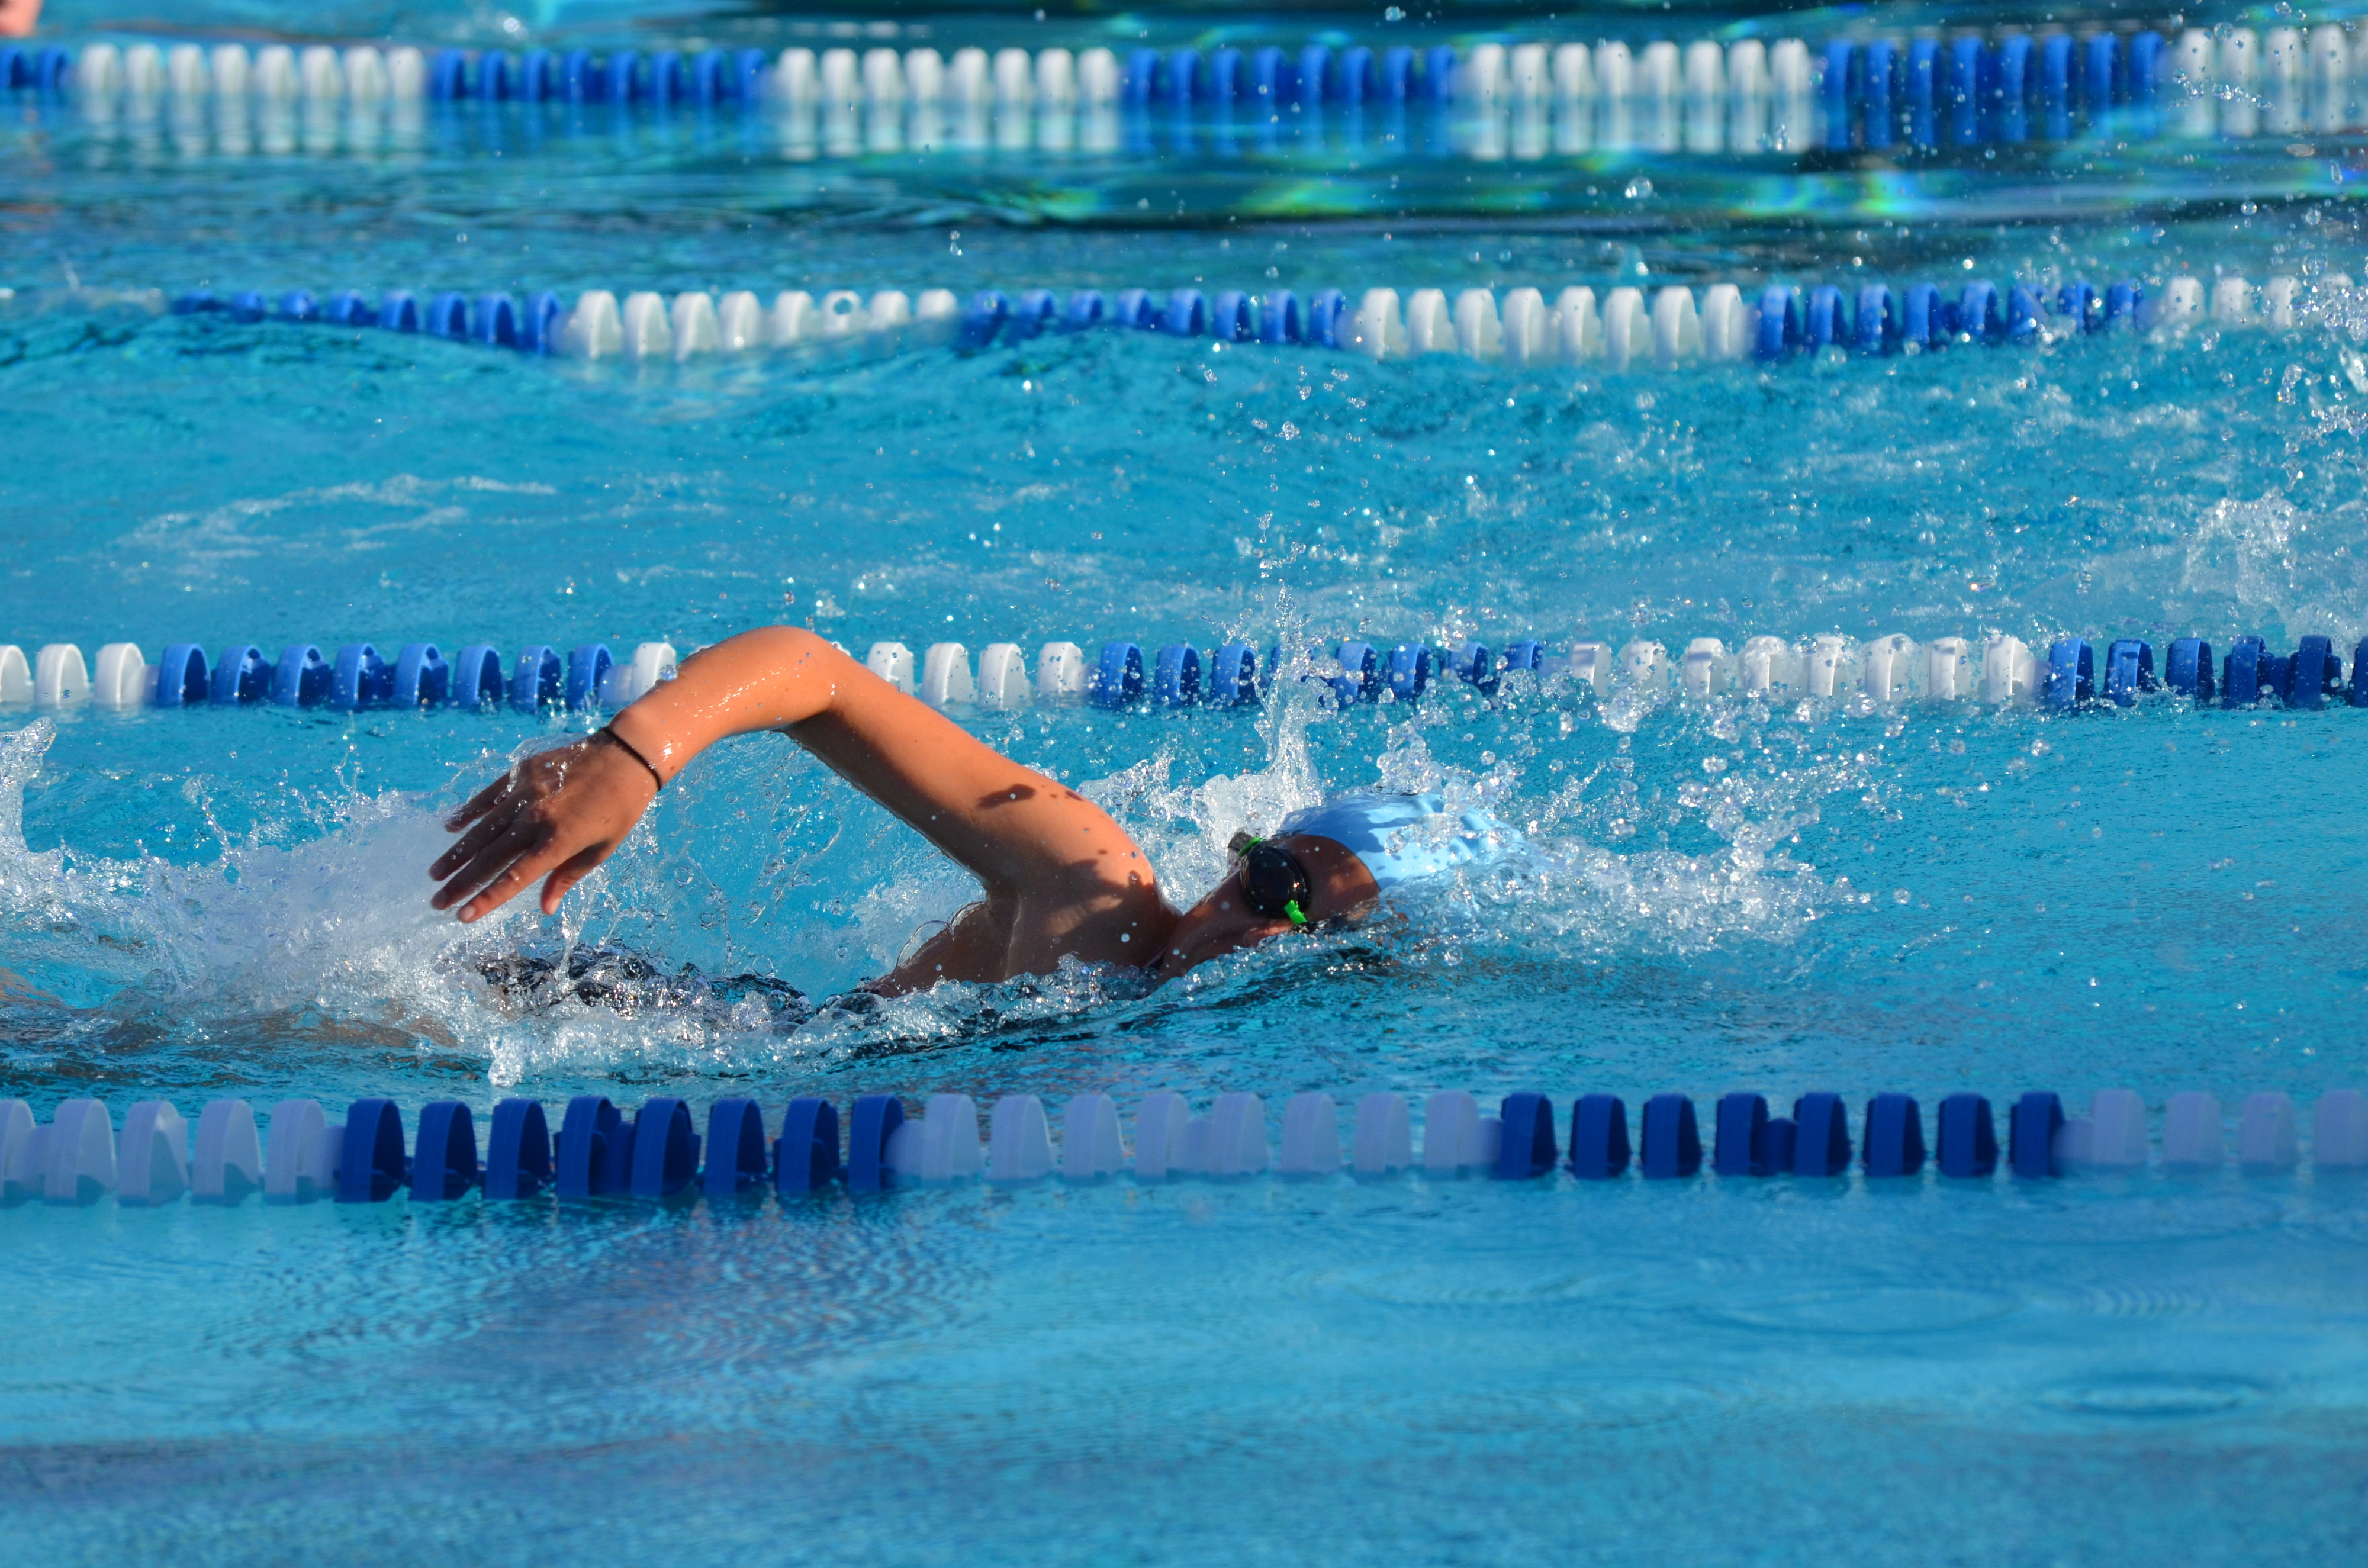 Recorde mundial em jornada de medalhas da Rússia nos Europeus de piscina curta